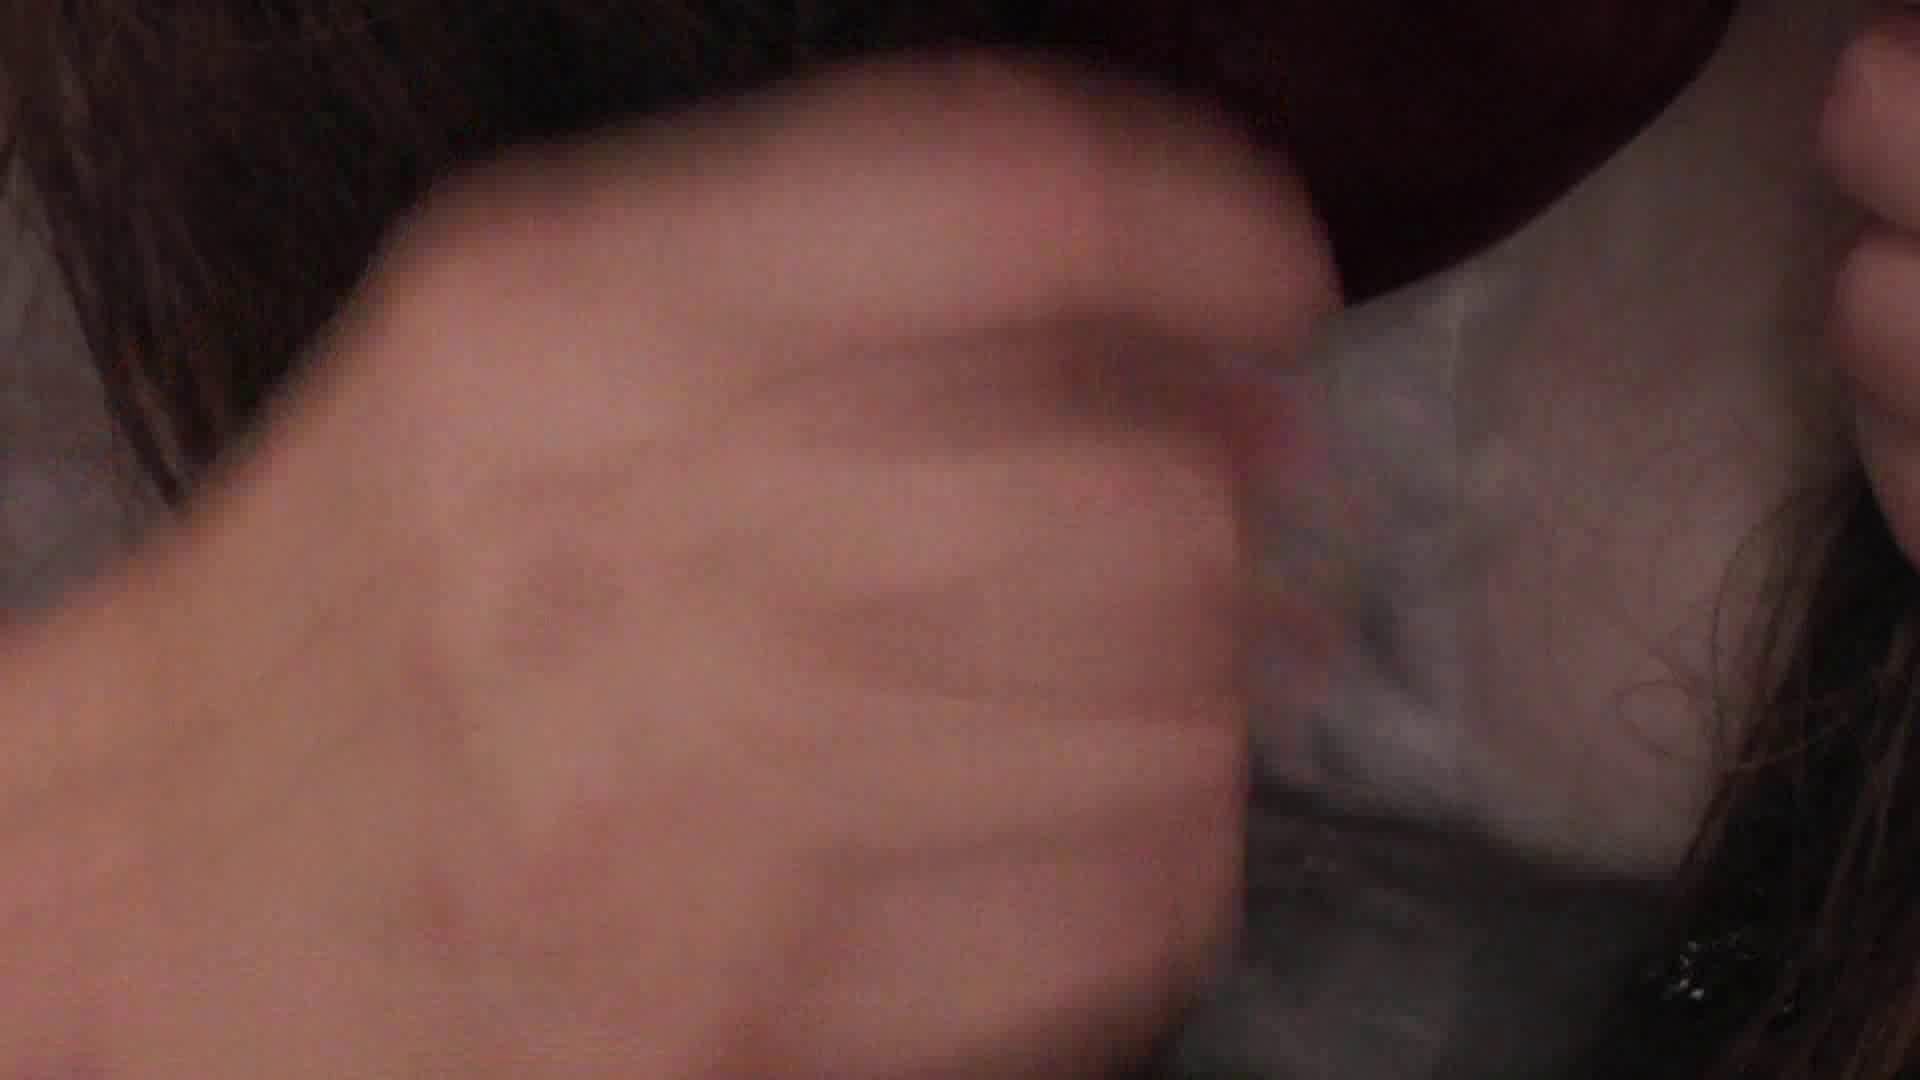 俺推し素人 Bカップ20代人妻現役ナース久美 素人 エロ画像 111枚